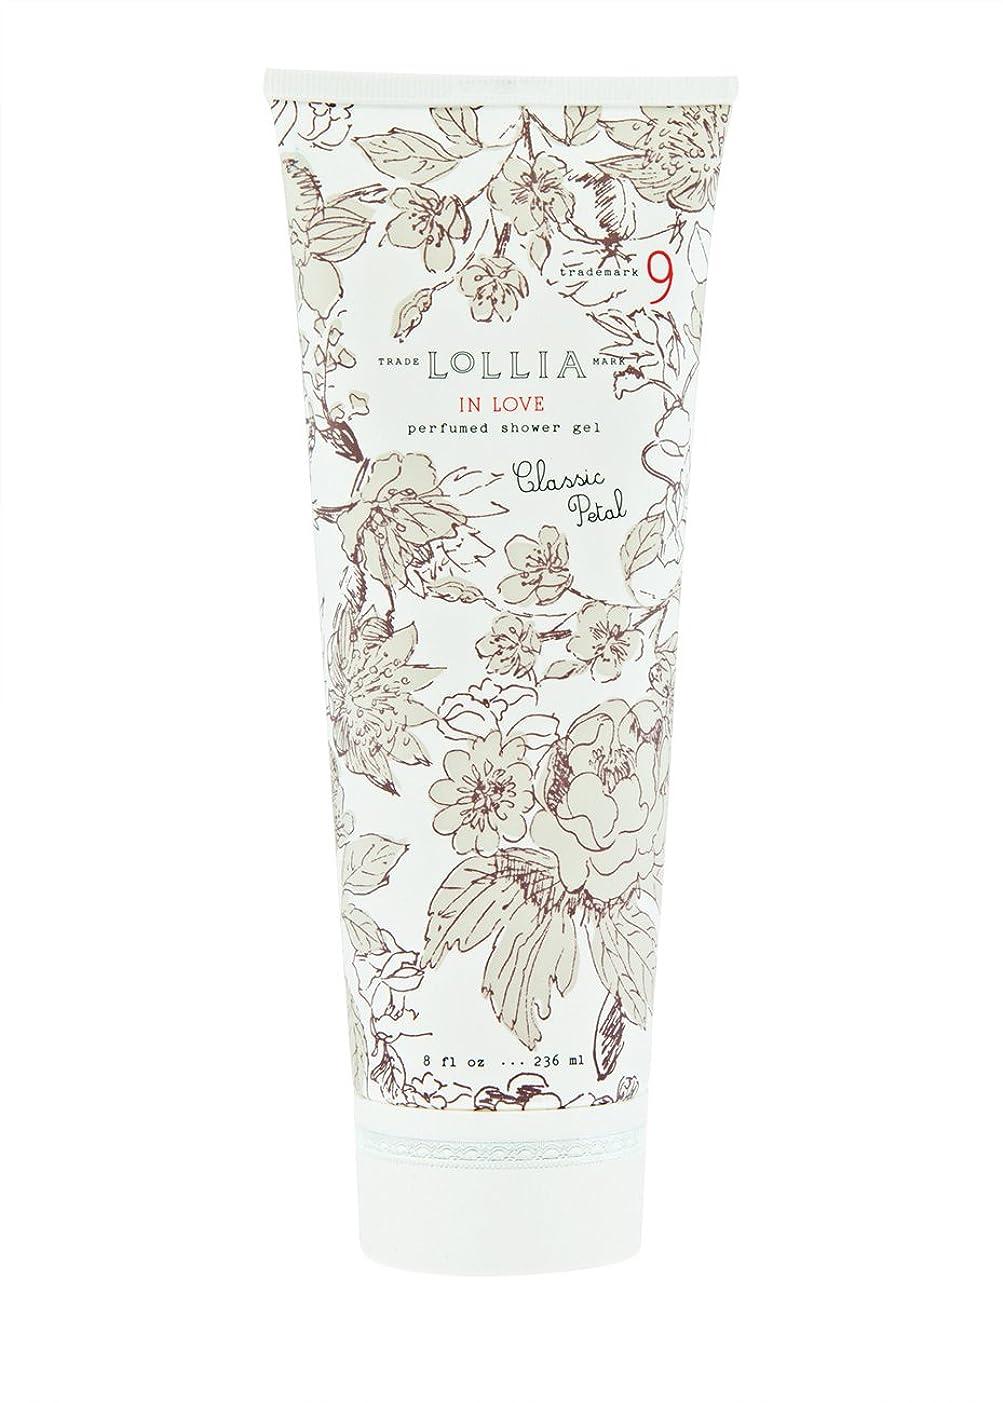 明らかにするタックル例示するロリア(LoLLIA) パフュームドシャワージェル InLove 236ml(全身用洗浄料 ボディーソープ アップルブロッサム、ジャスミン、ローズのフルーティで爽やかな香り)